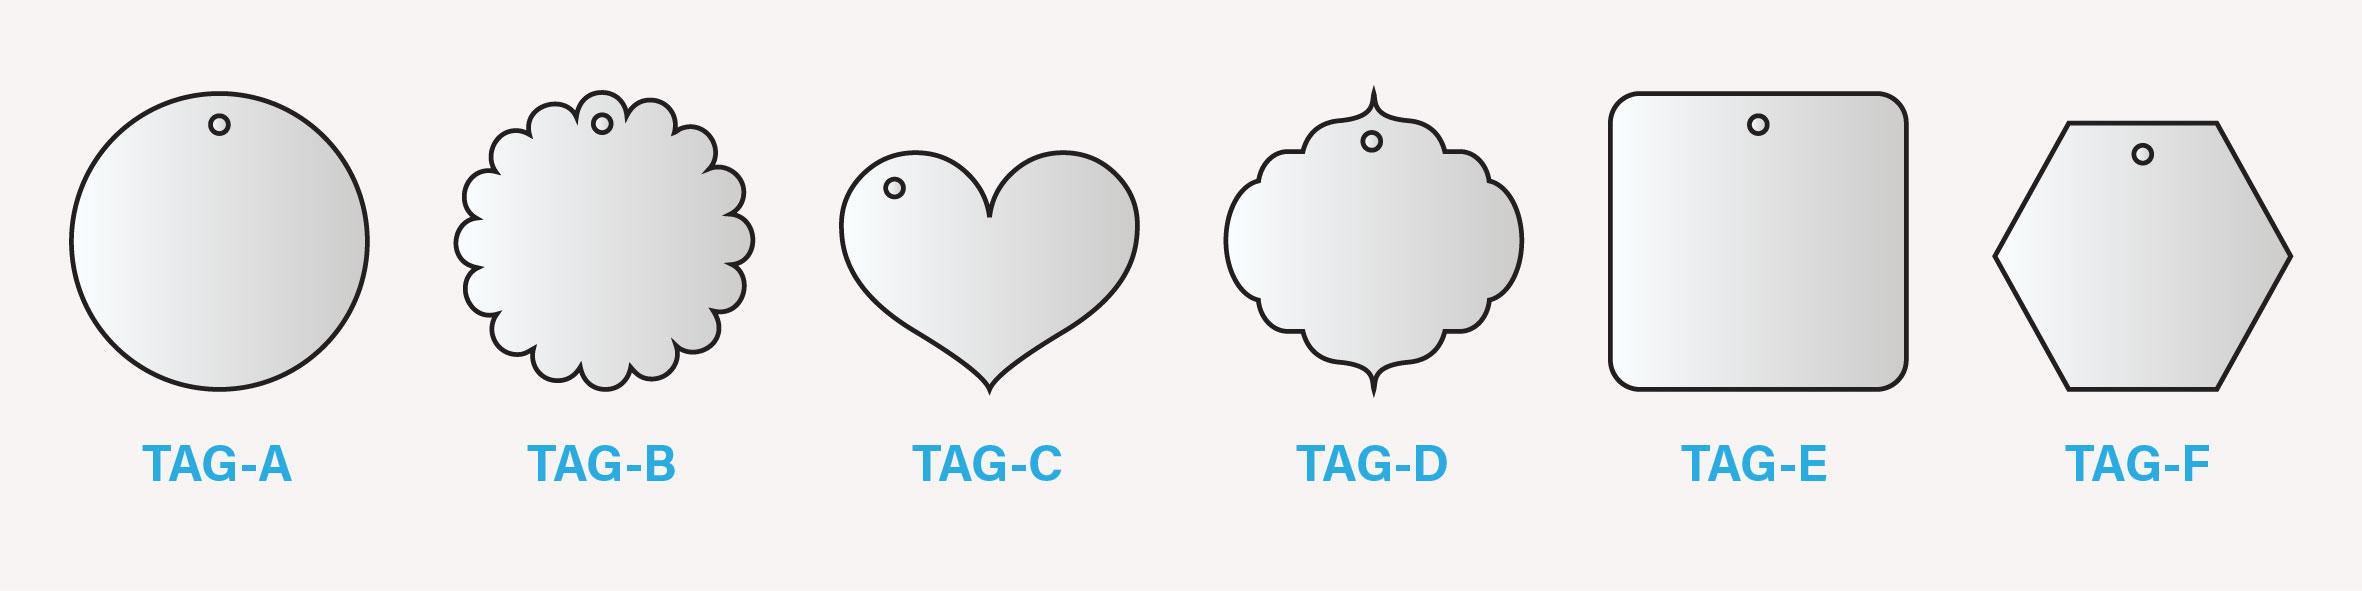 Designs - Tag